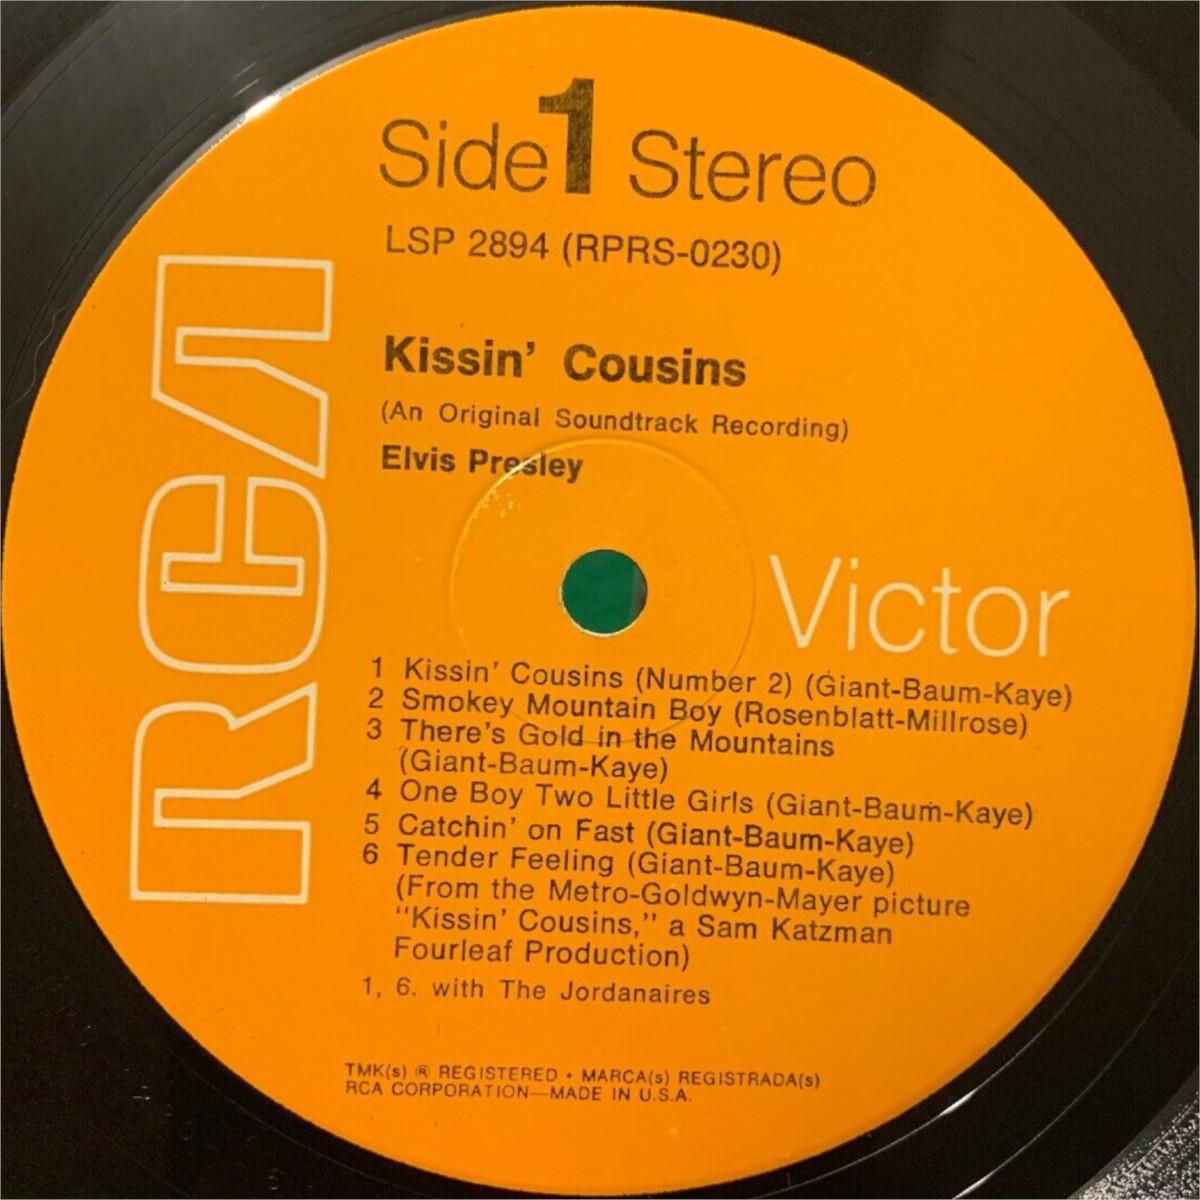 KISSIN' COUSINS Lsp-2894-68-5s4jmj